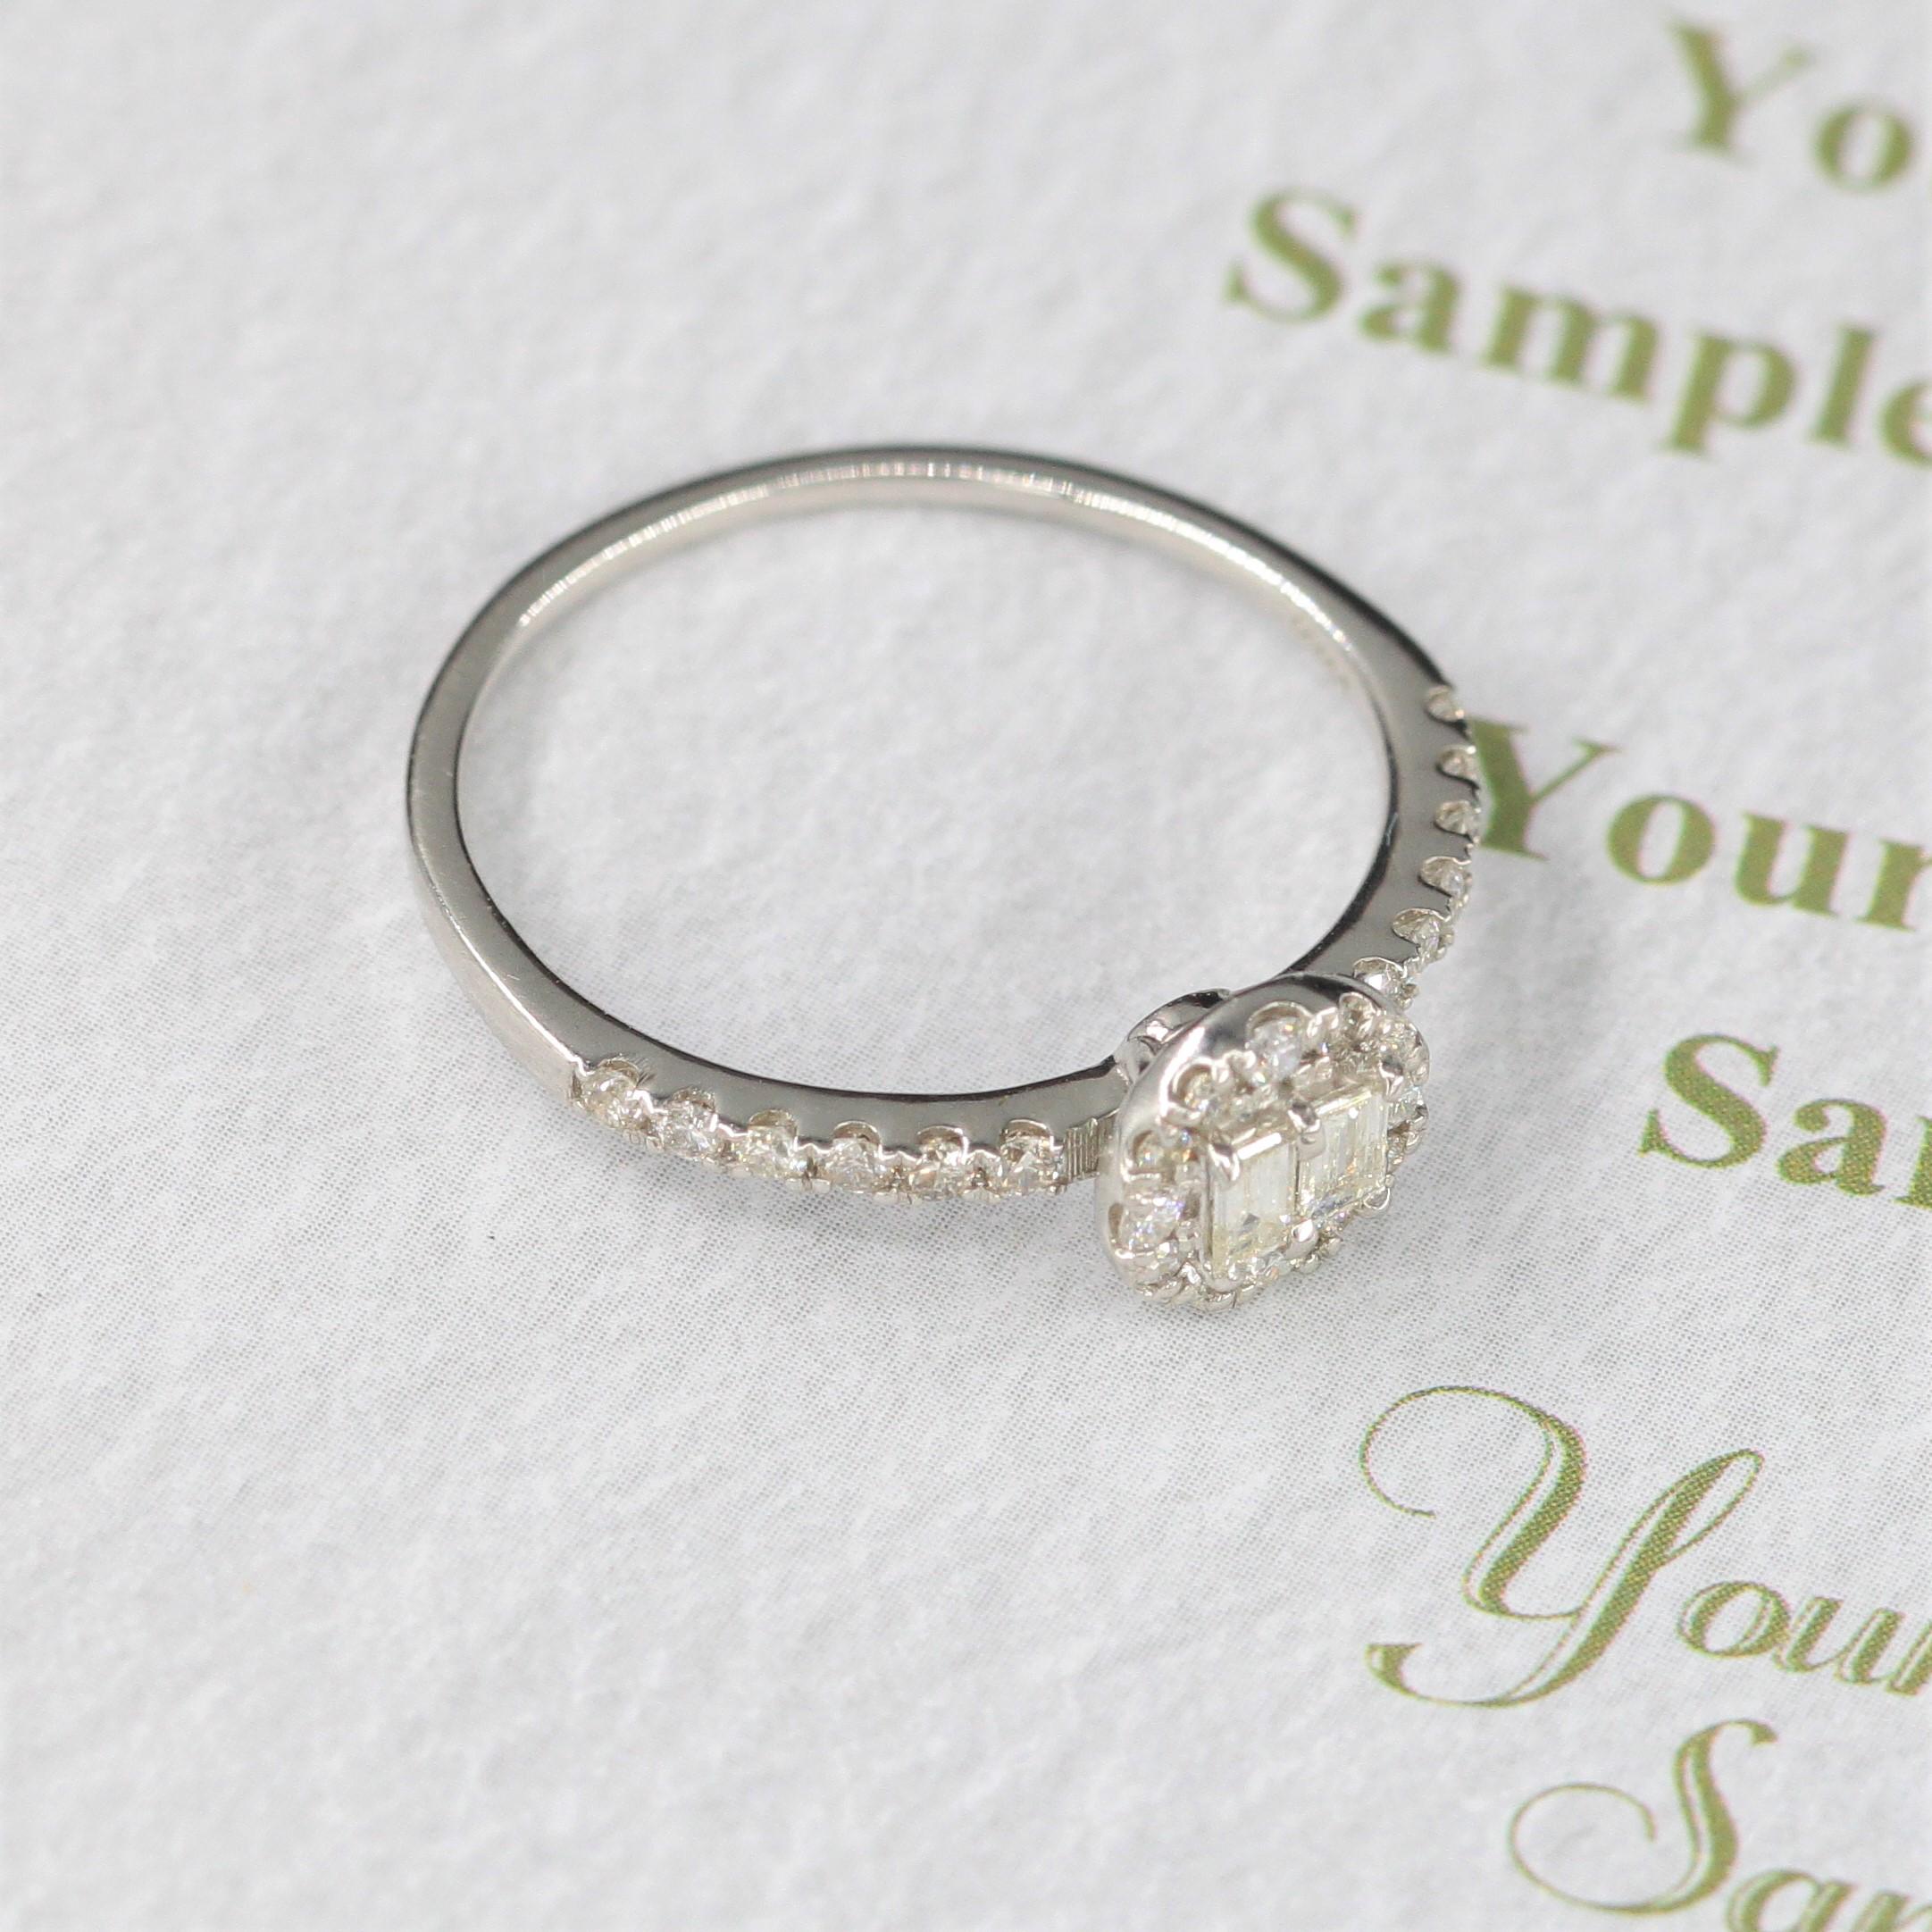 また、18 kの金のロングダイヤモンドに指輪を嵌めた新型アクセサリーをプレゼントします。